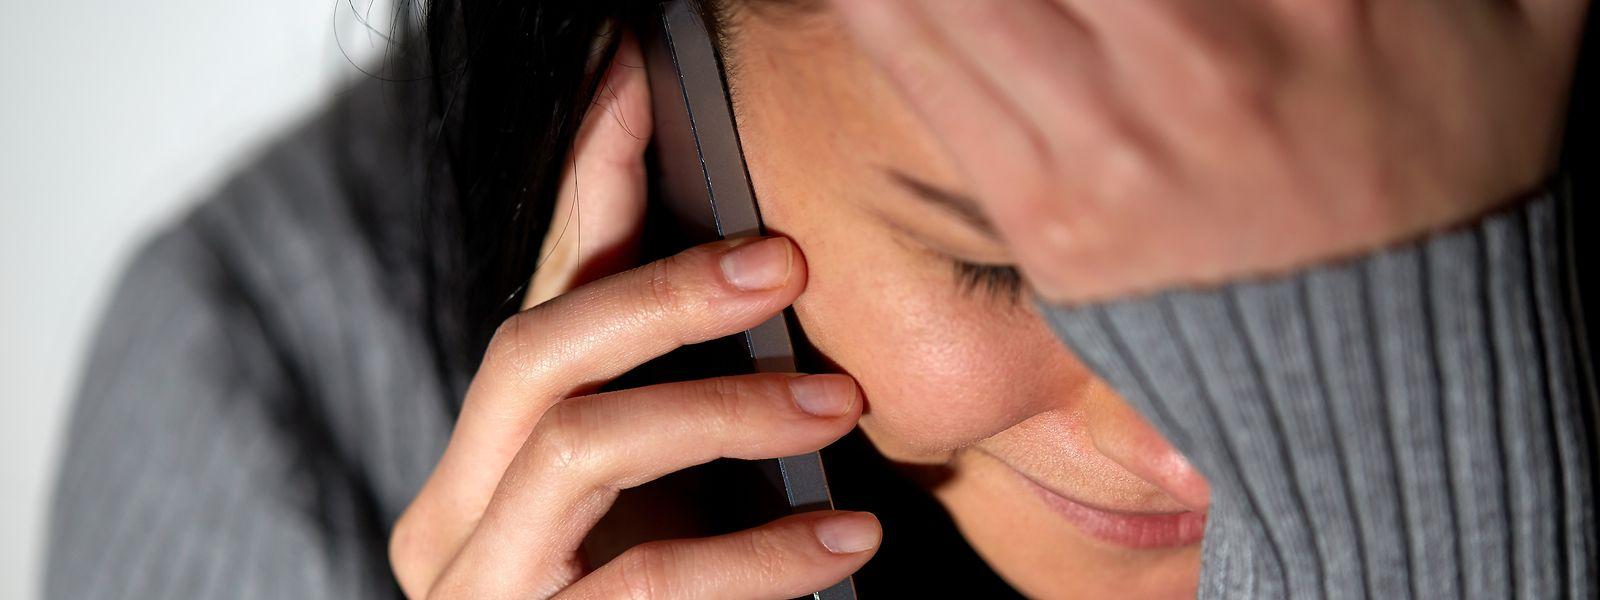 Menschen, die sich alleine fühlen und niemanden zum Reden haben, können sich bei den Kontaktpersonen des Schnëss-Telefons melden.